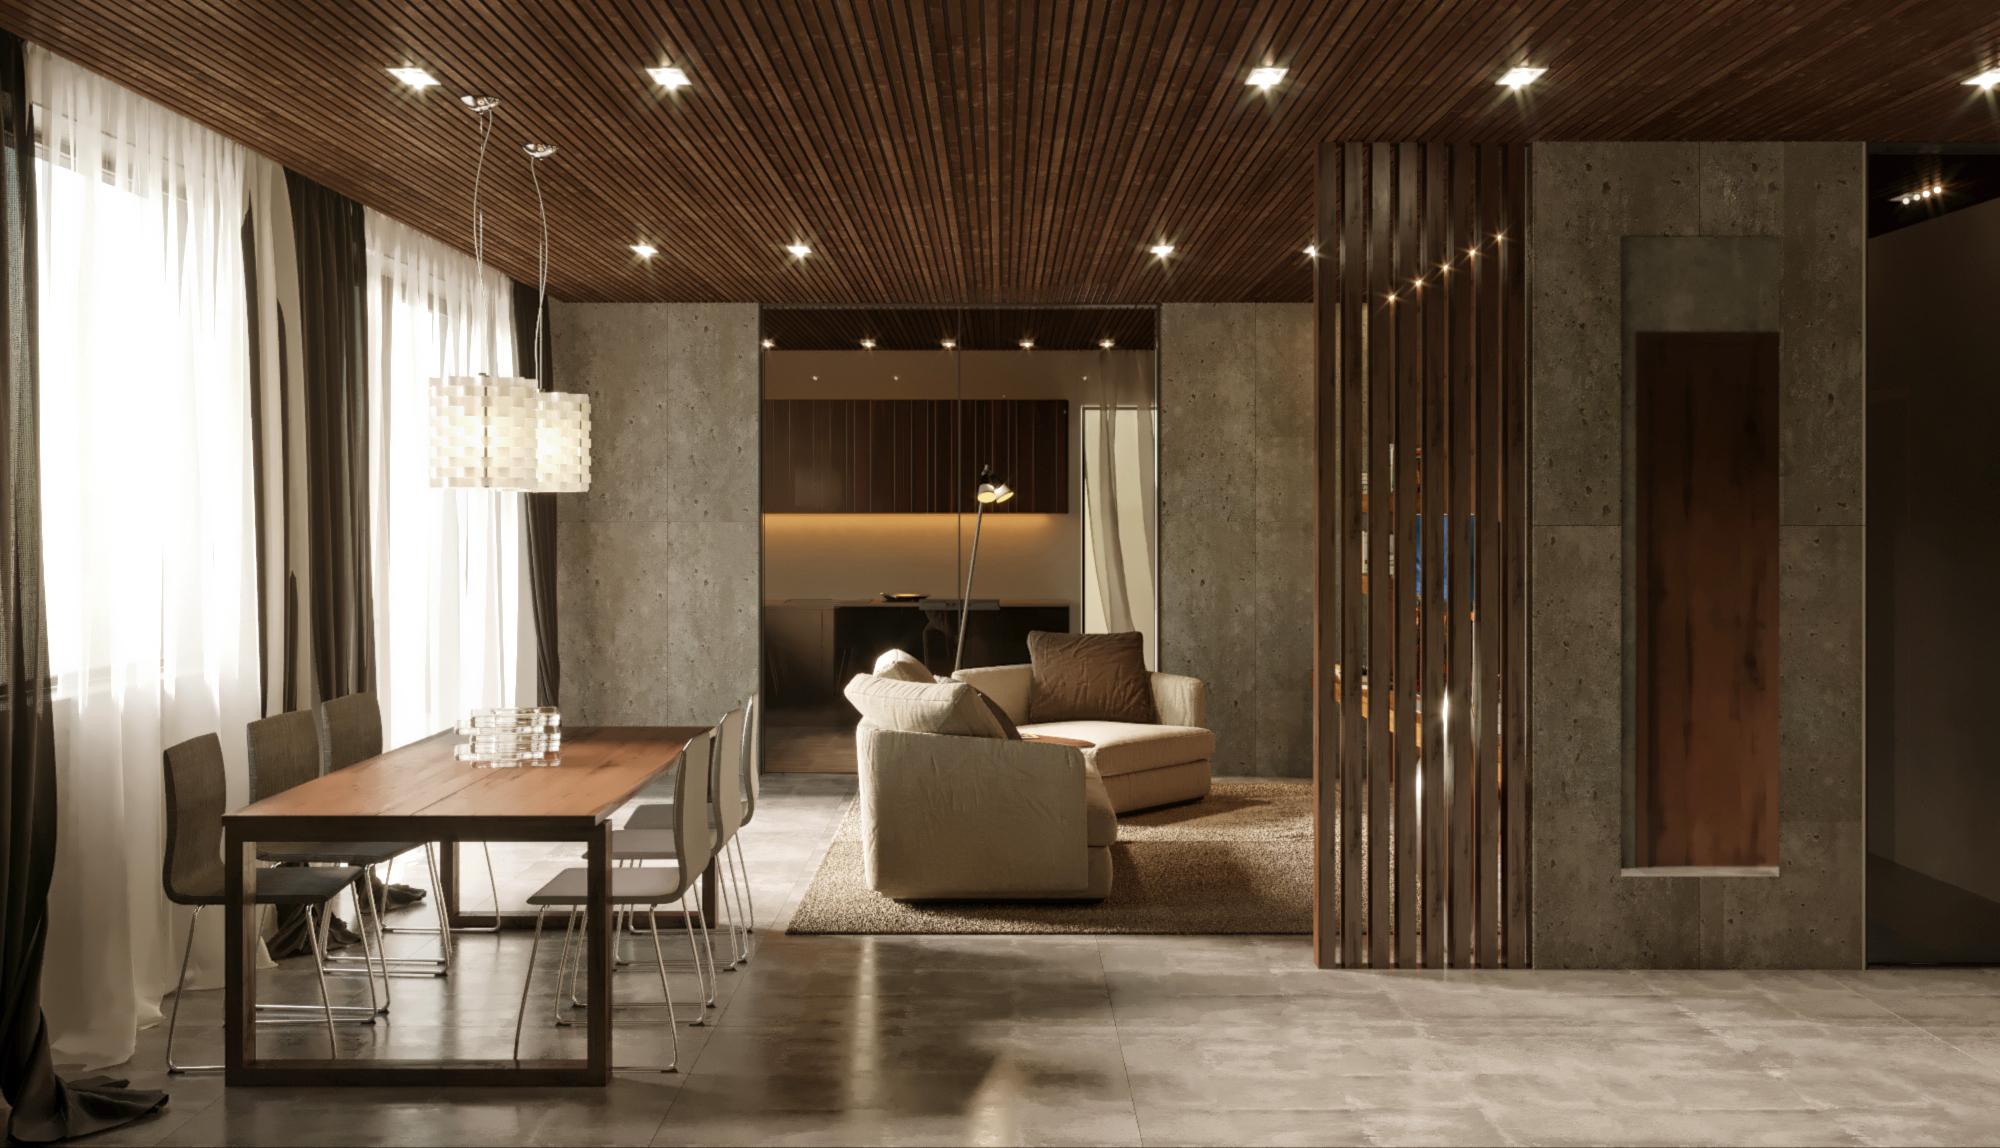 Progettazione interni di design la qualit solo su misura for Progettazioni interni